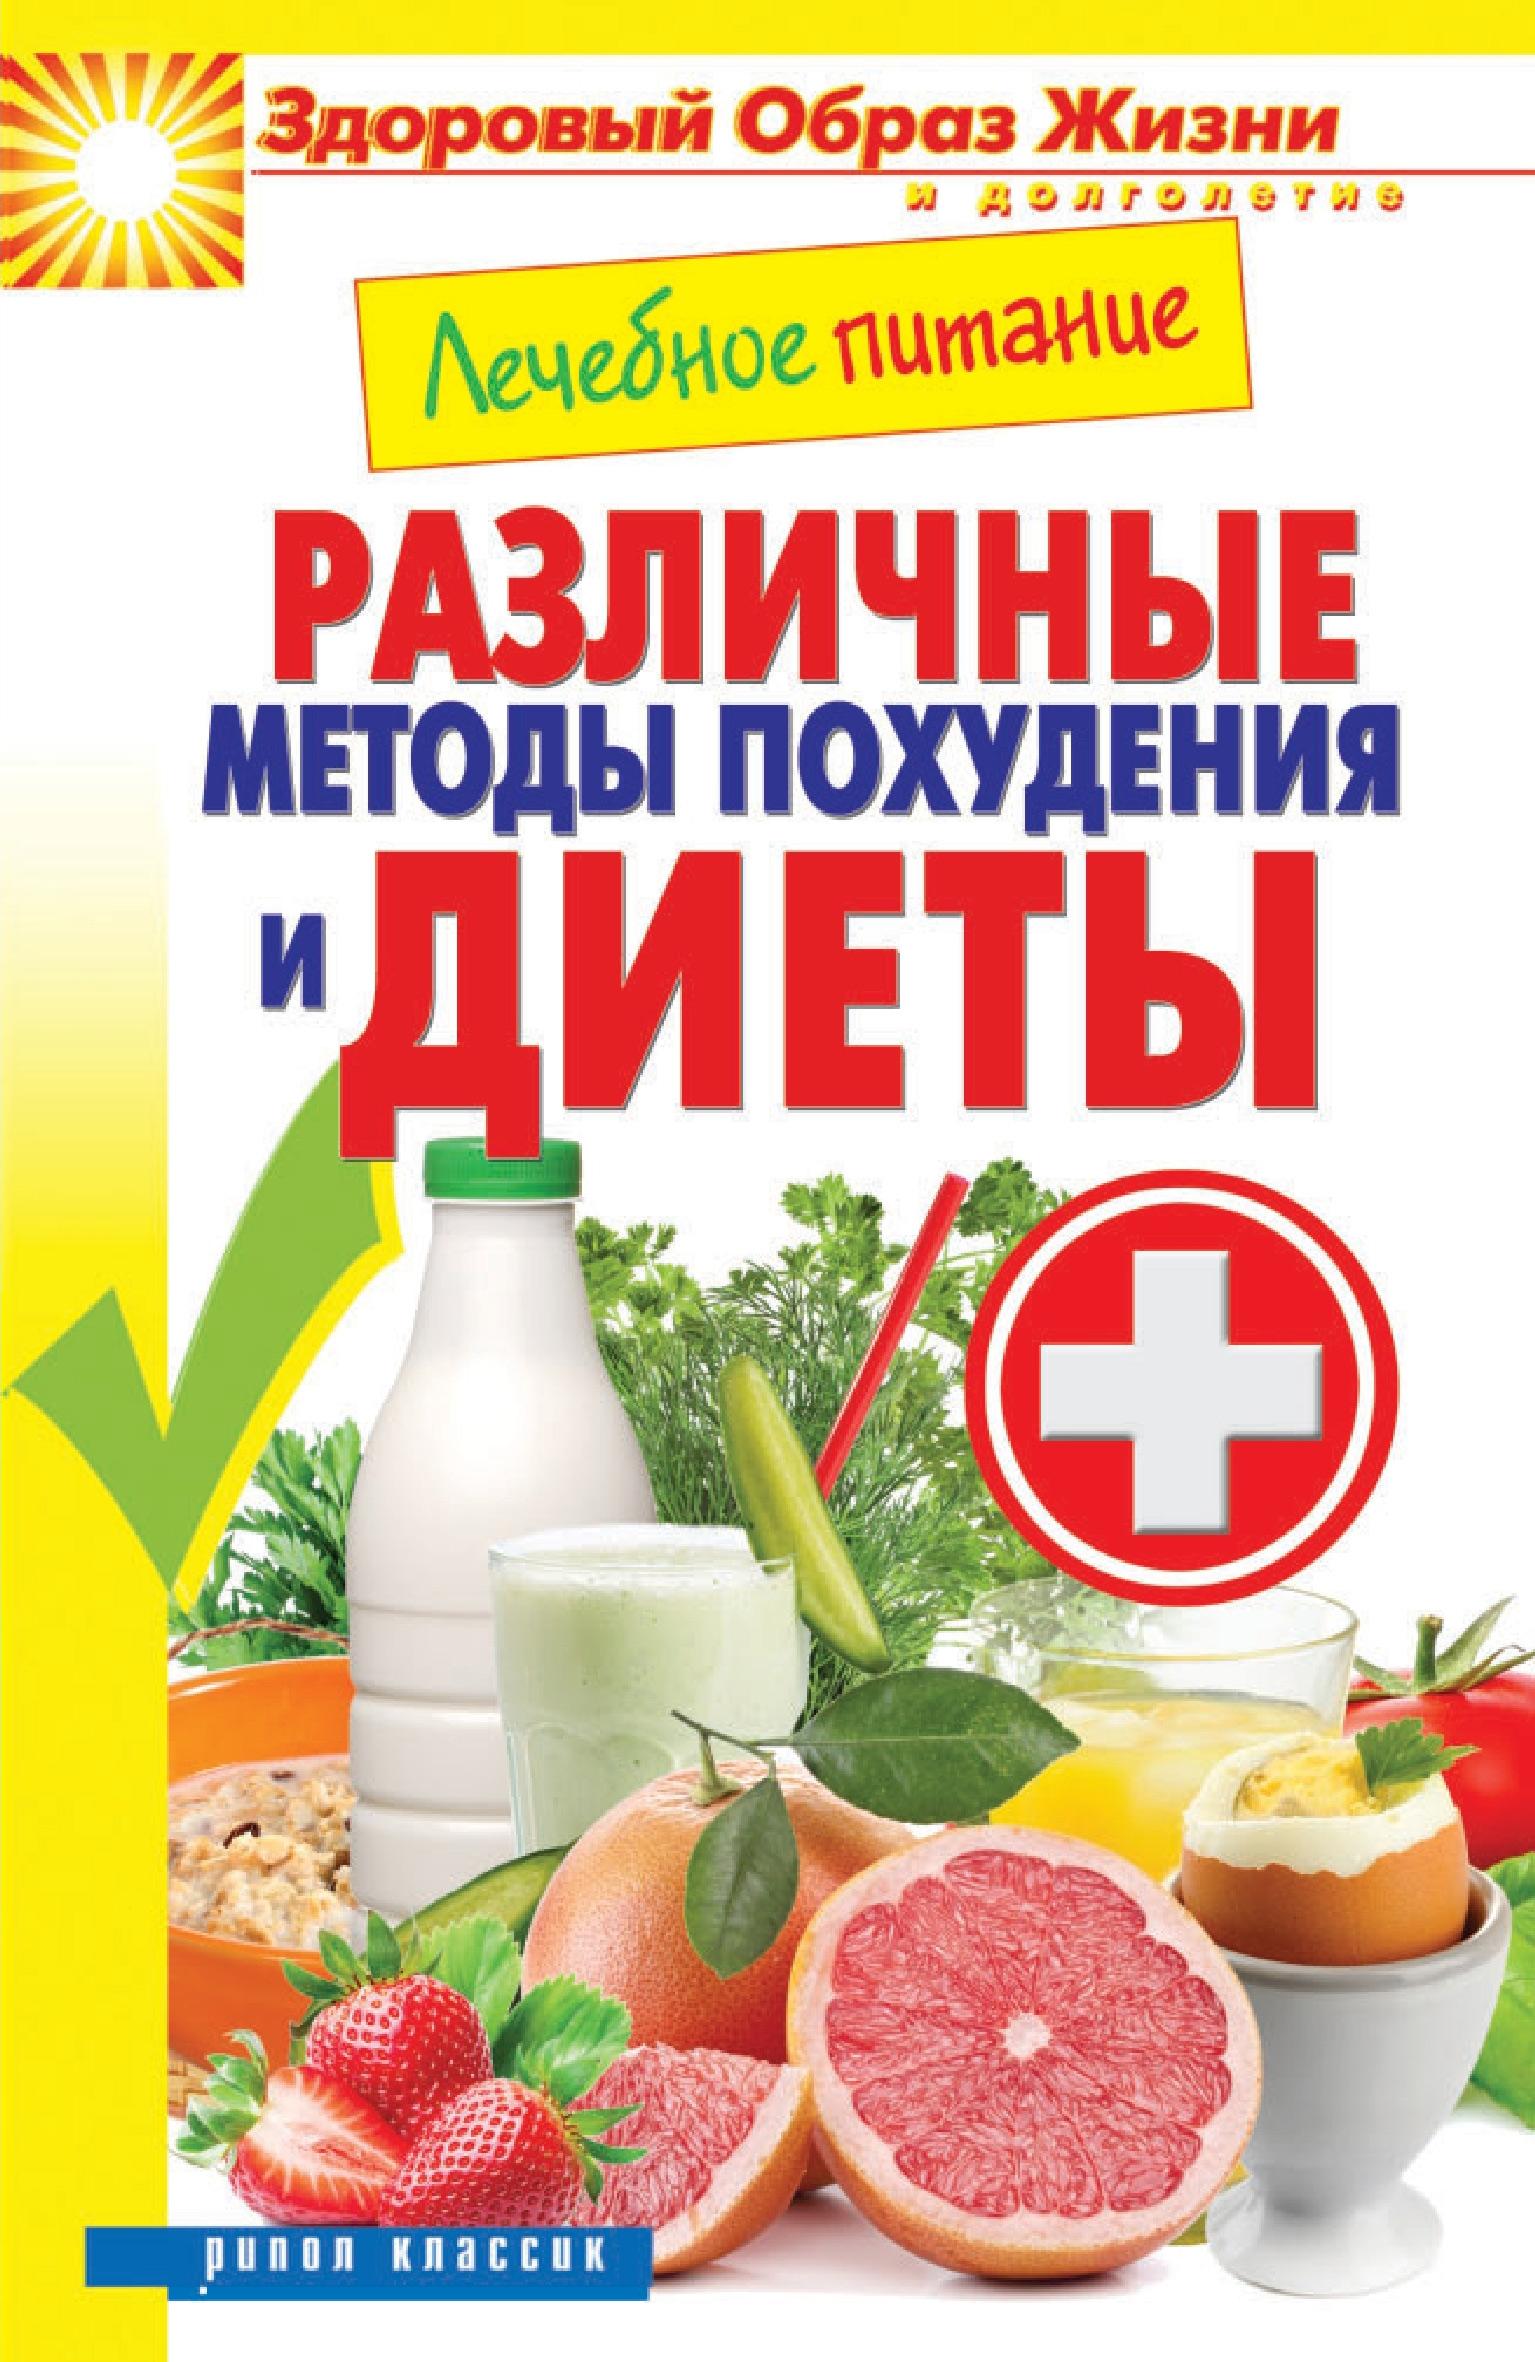 Отсутствует Лечебное питание. Различные методы похудения и диеты